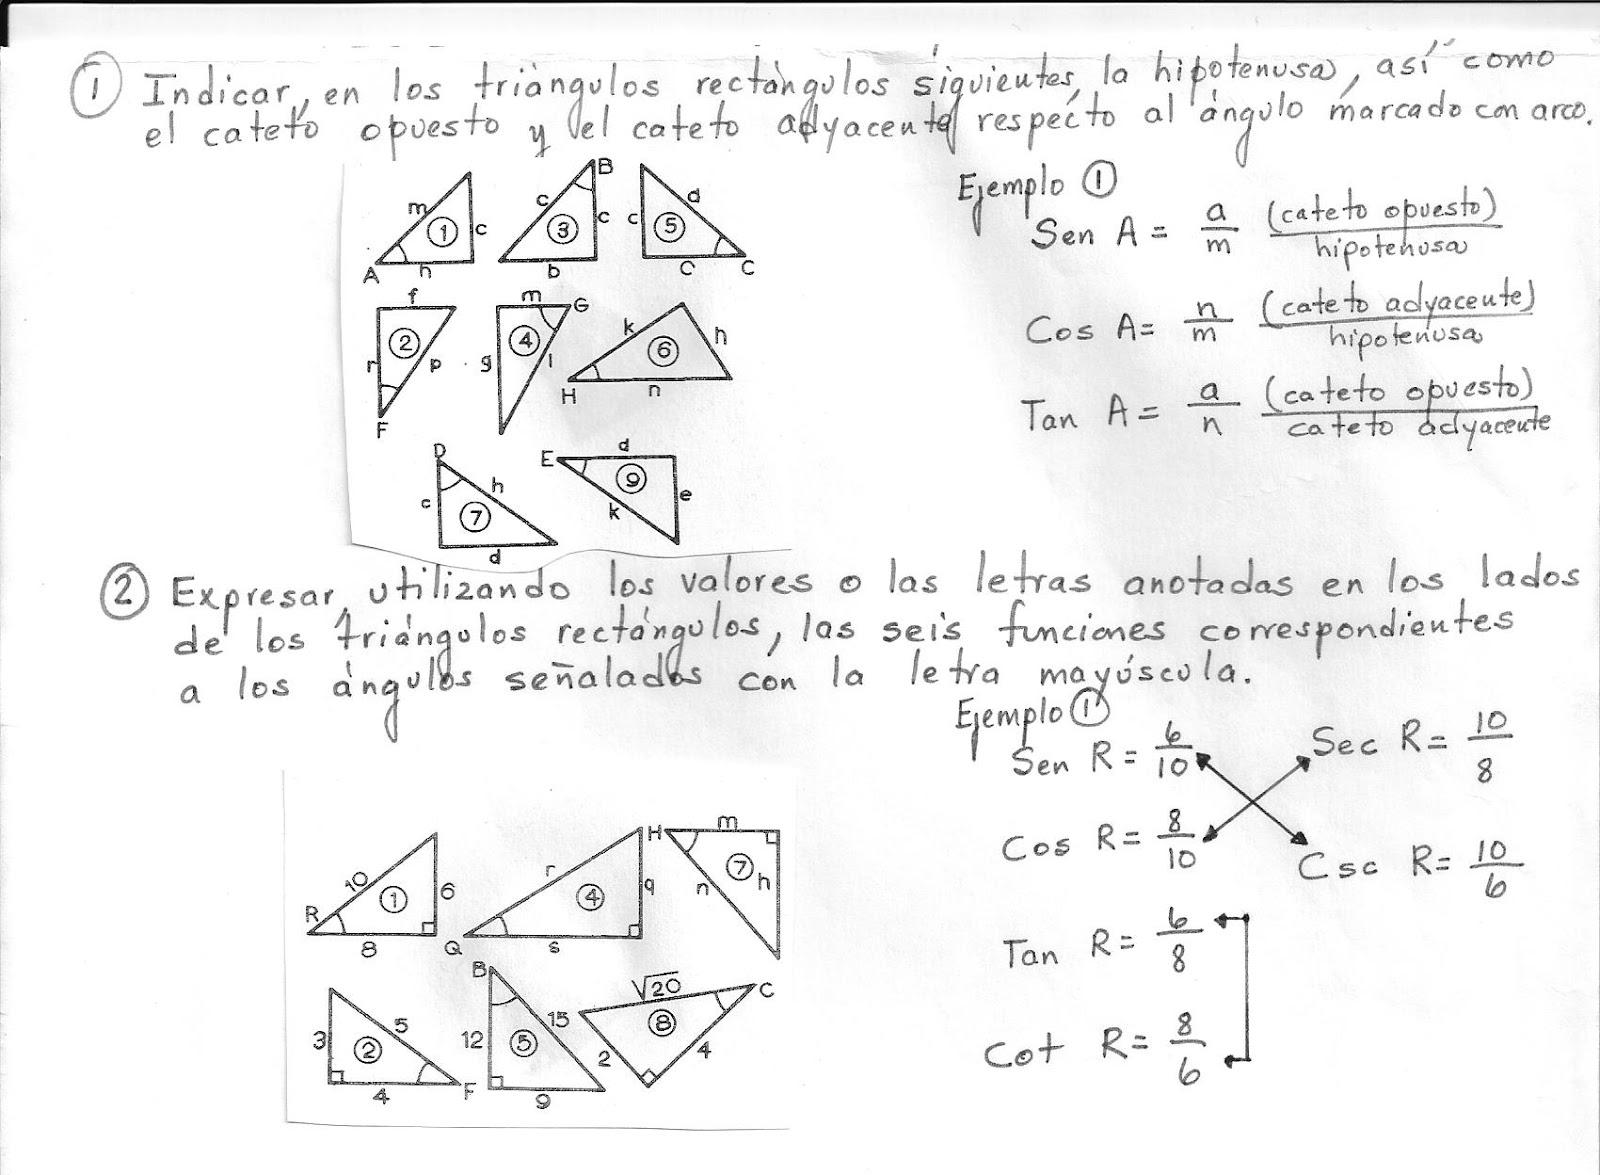 ejercicios de trigonometria: